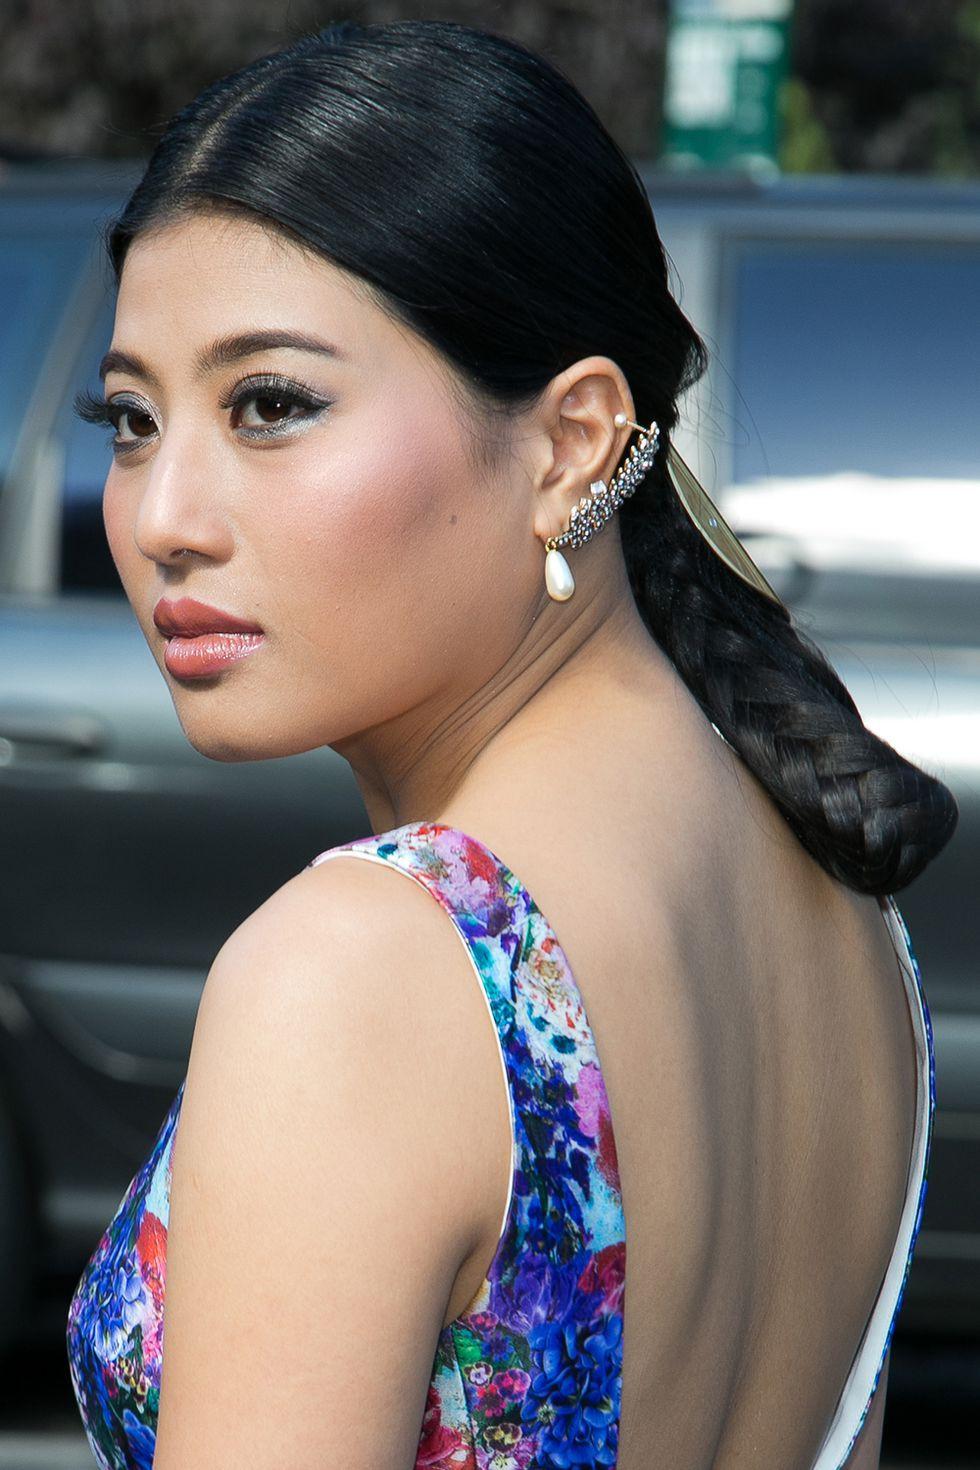 15 kiểu tóc ấn tượng của các người đẹp Hoàng gia: kiểu nào cũng hoàn hảo tựa như một tuyệt phẩm  - Ảnh 12.